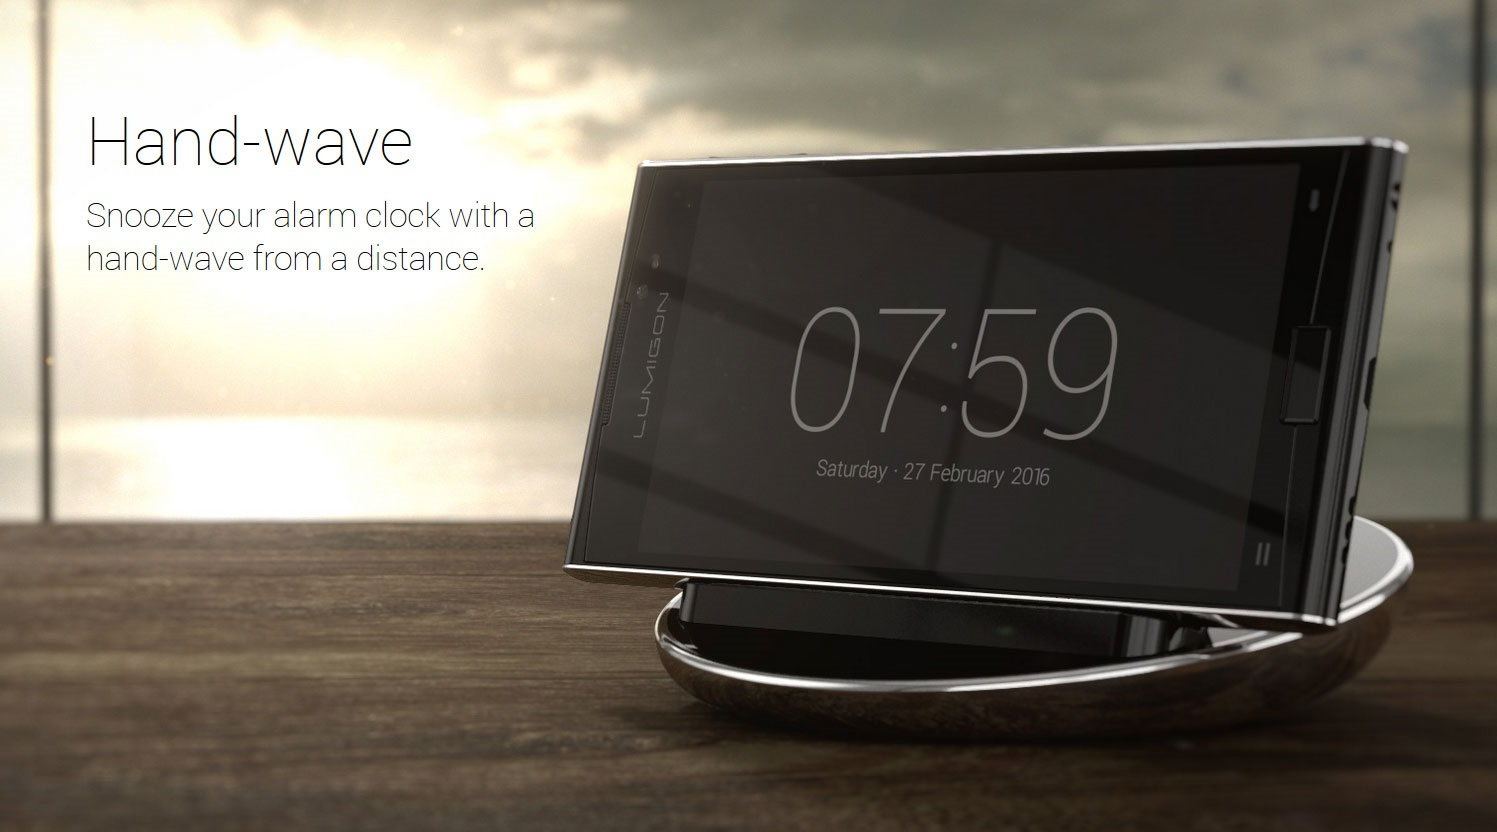 متفاوتترین گوشی هوشمند دنیا ساخت دانمارکیها را ببینید